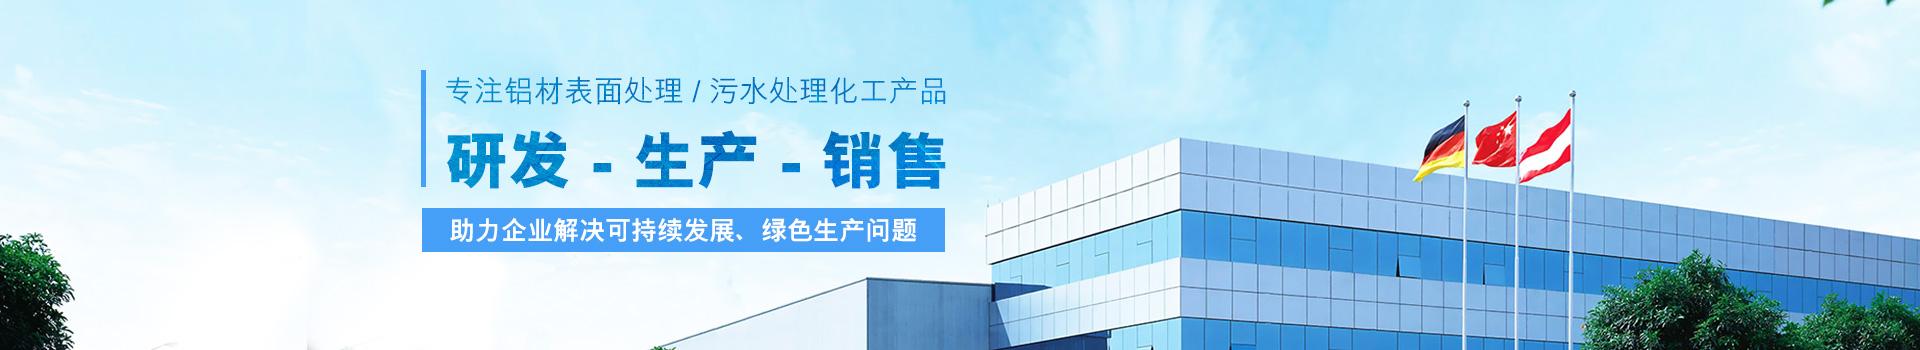 江河化工-专注铝材表面处理、污水处理化工产品研发、生产、销售